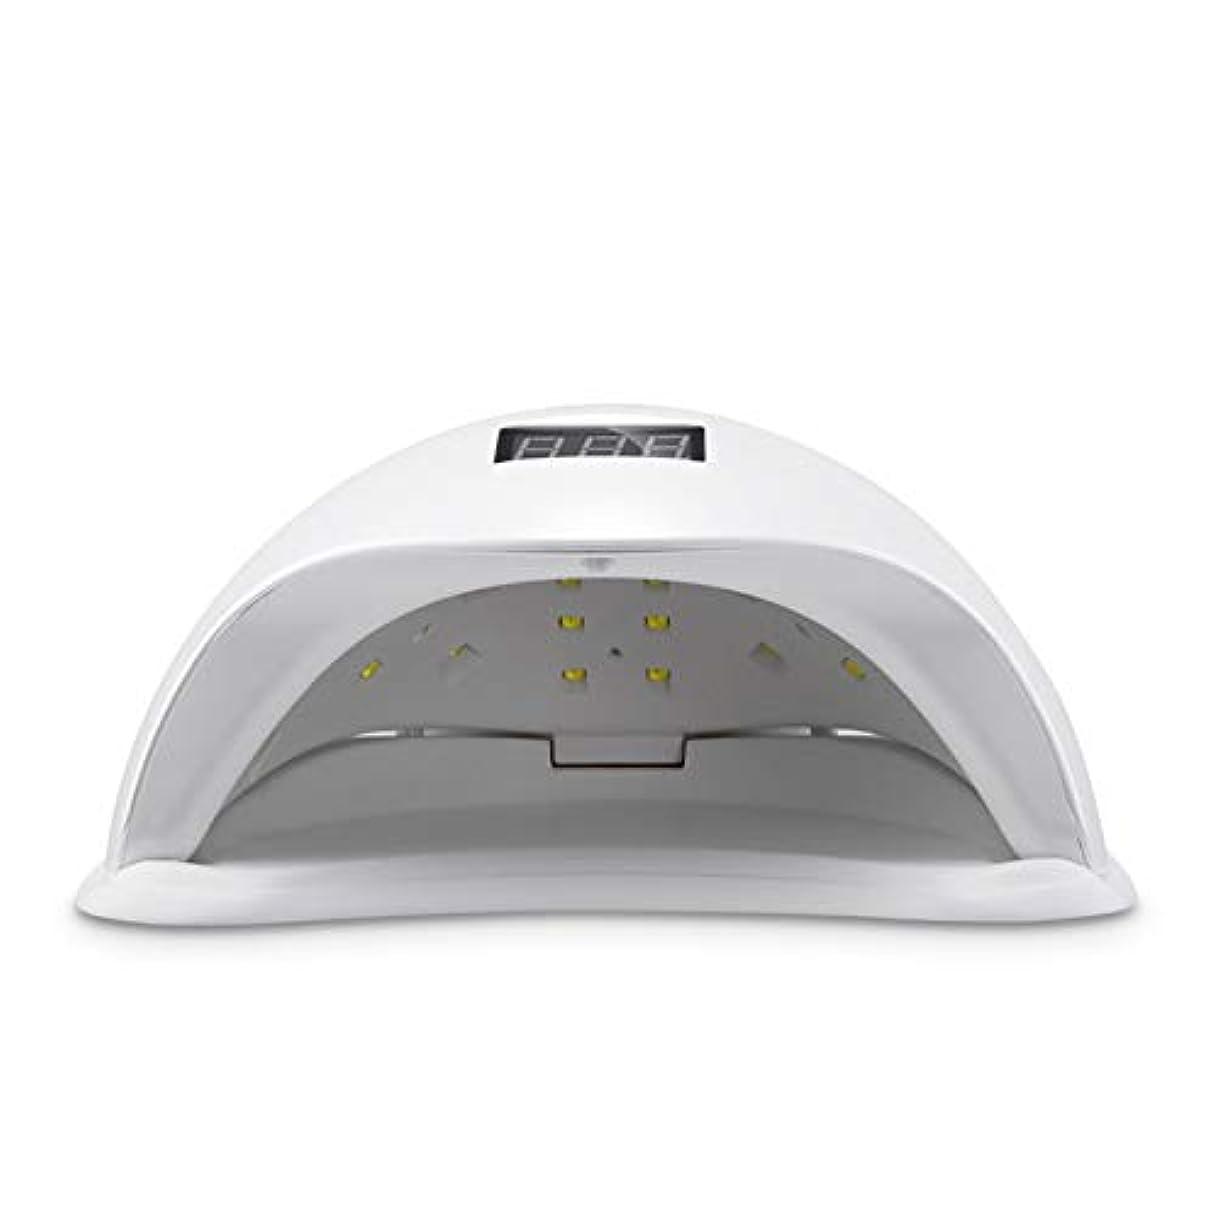 ぴかぴか明示的に順応性UVネイルランプ、ネイルドライヤー速乾LED UVネイルドライヤー、4タイマー設定